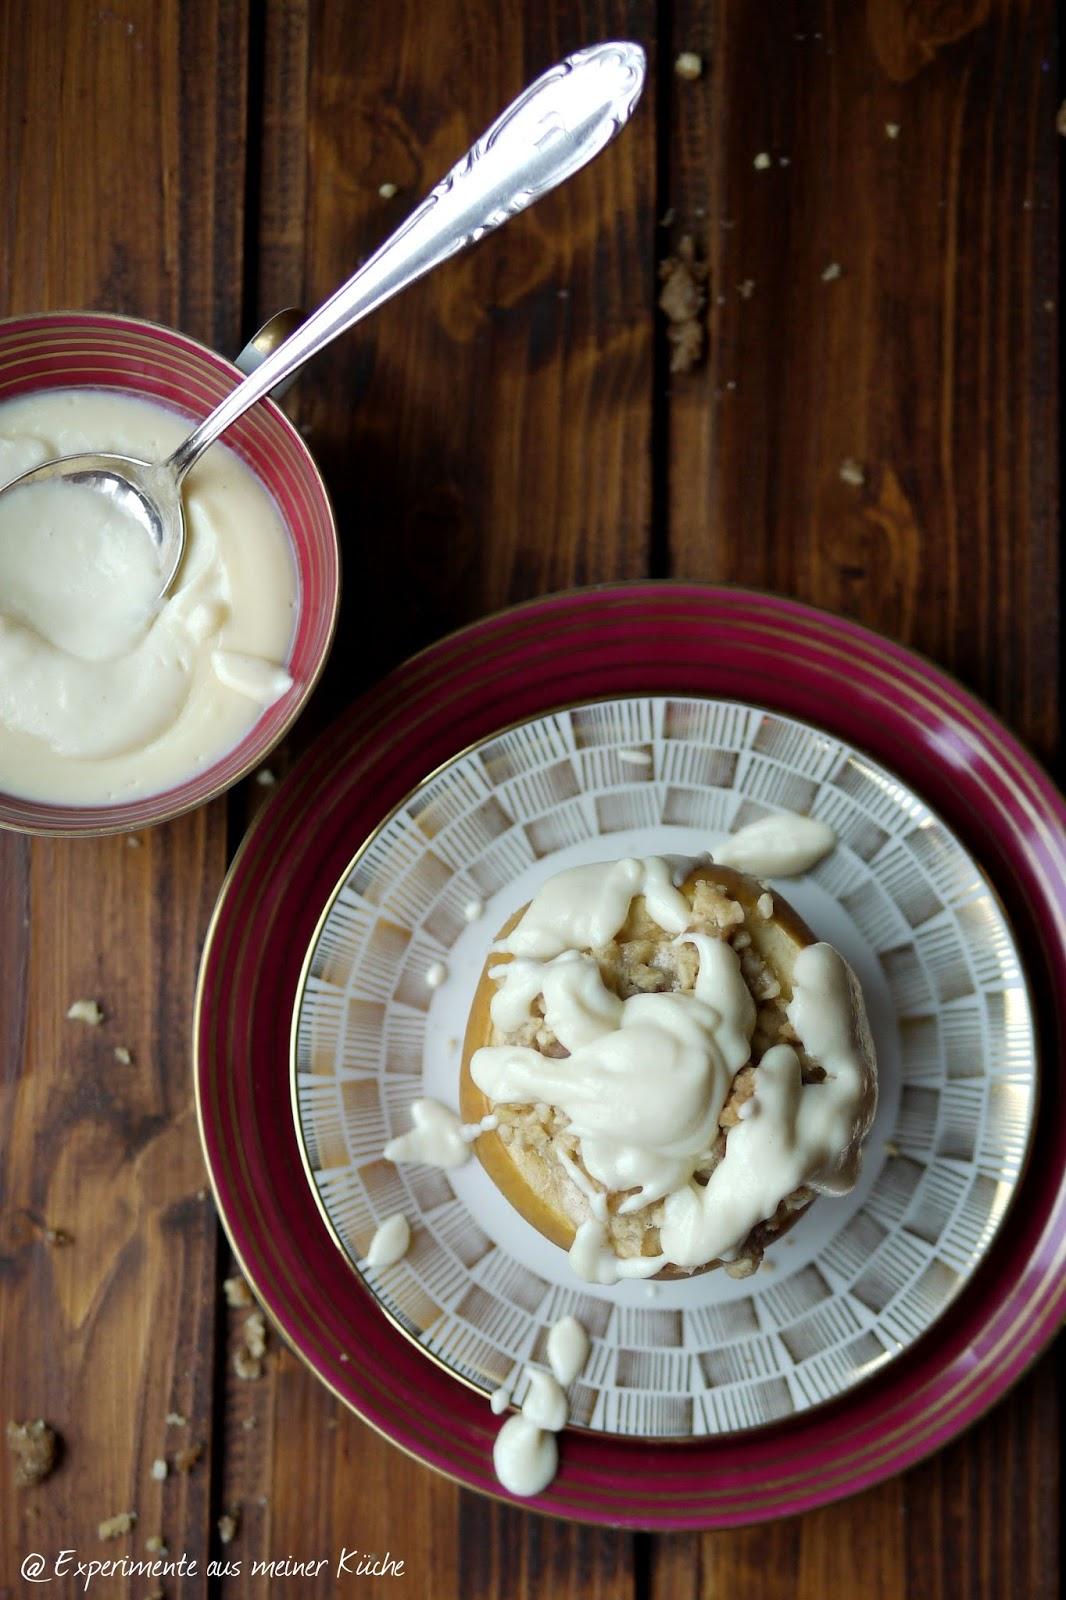 Experimente aus meiner Küche: Bratäpfel mit Spekulatius-Cheesecake-Füllung und Marzipansahne